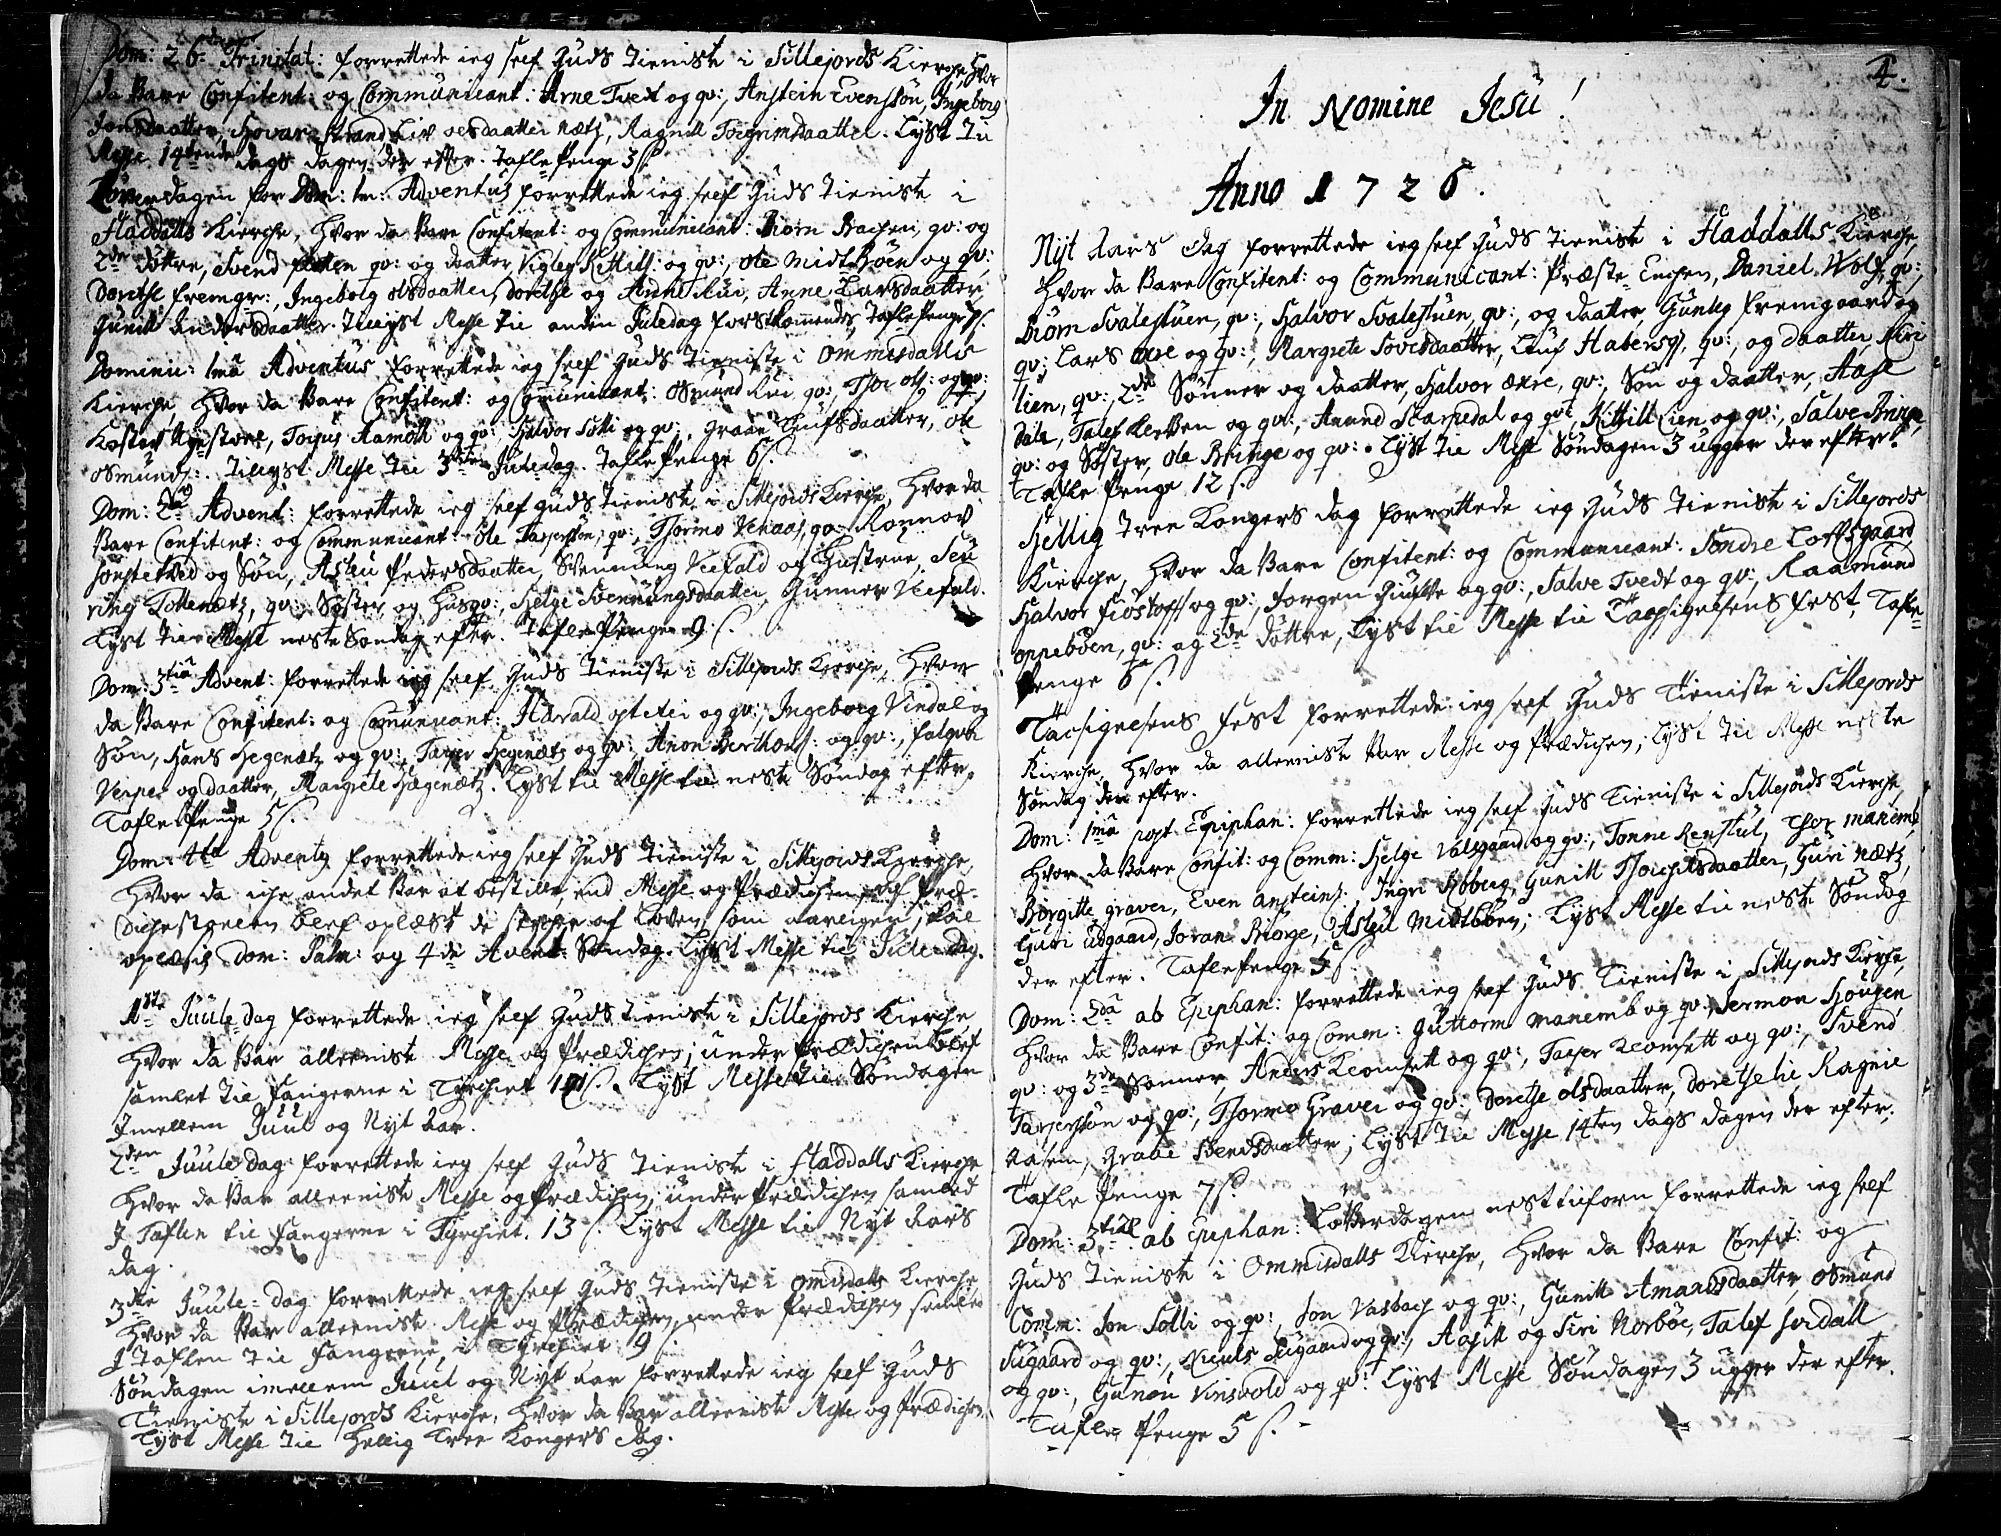 SAKO, Seljord kirkebøker, F/Fa/L0004: Ministerialbok nr. I 4, 1725-1736, s. 4